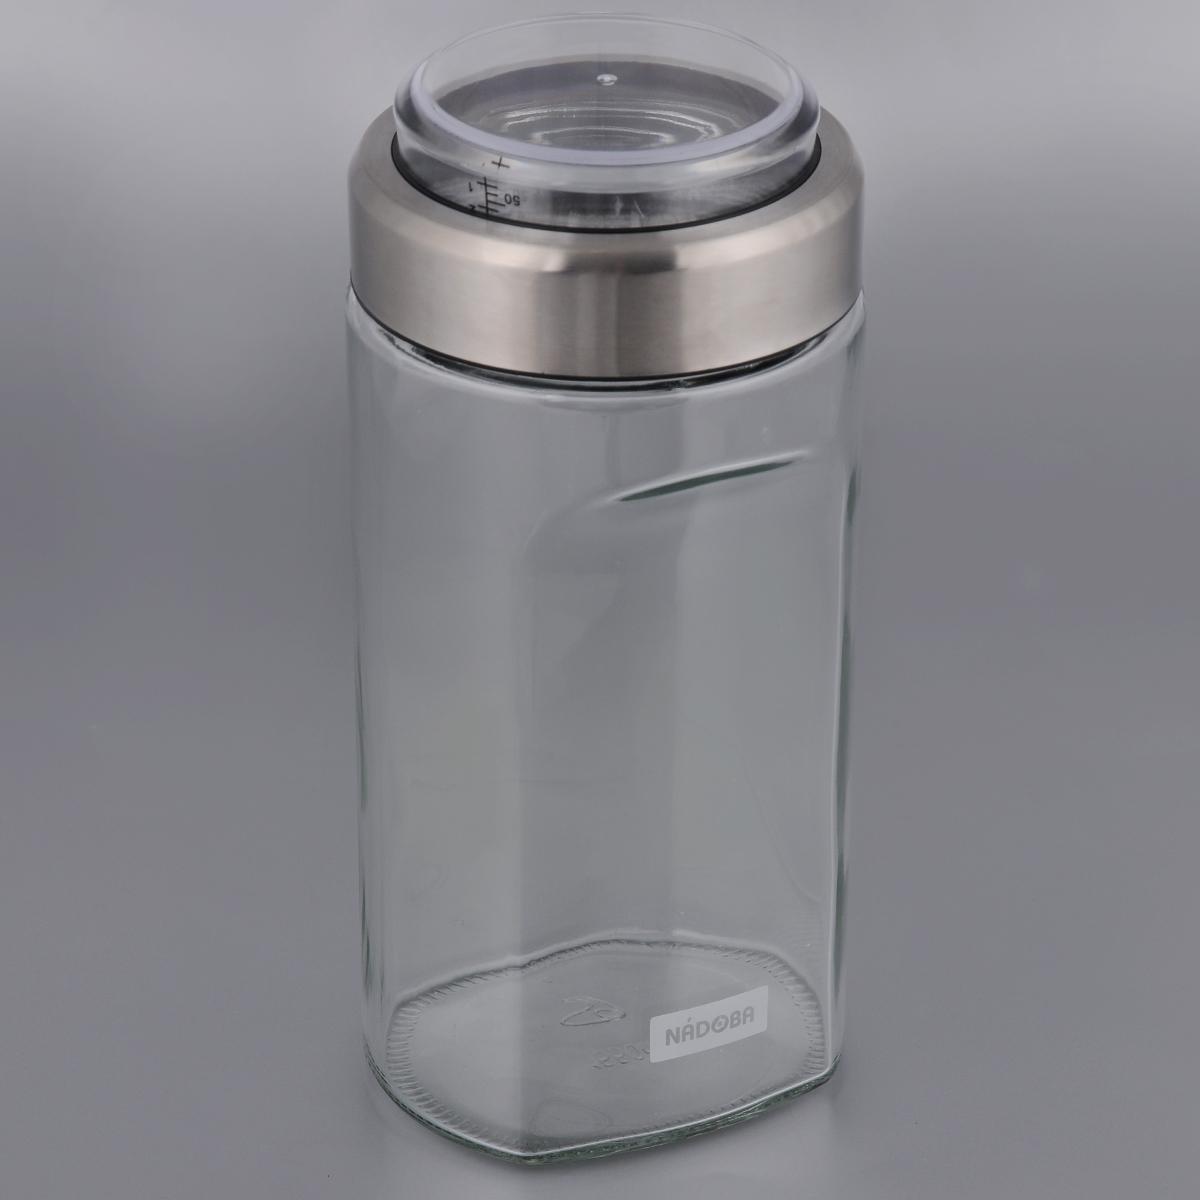 Емкость для сыпучих продуктов Nadoba Petra, с мерным стаканом, 2 л741010Емкость Nadoba Petra, изготовленная из высокопрочного стекла, оснащена мерным стаканом, который встроен в крышку. Благодаря эргономичному дизайну изделие удобно брать одной рукой.Стенки емкости прозрачные - хорошо видно, что внутри. Изделие идеально подходит для хранения различных сыпучих продуктов: круп, макарон, специй, кофе, сахара, орехов, кондитерских изделий и многого другого.Диаметр емкости (по верхнему краю): 10 см.Высота (без учета крышки): 27,5 см.